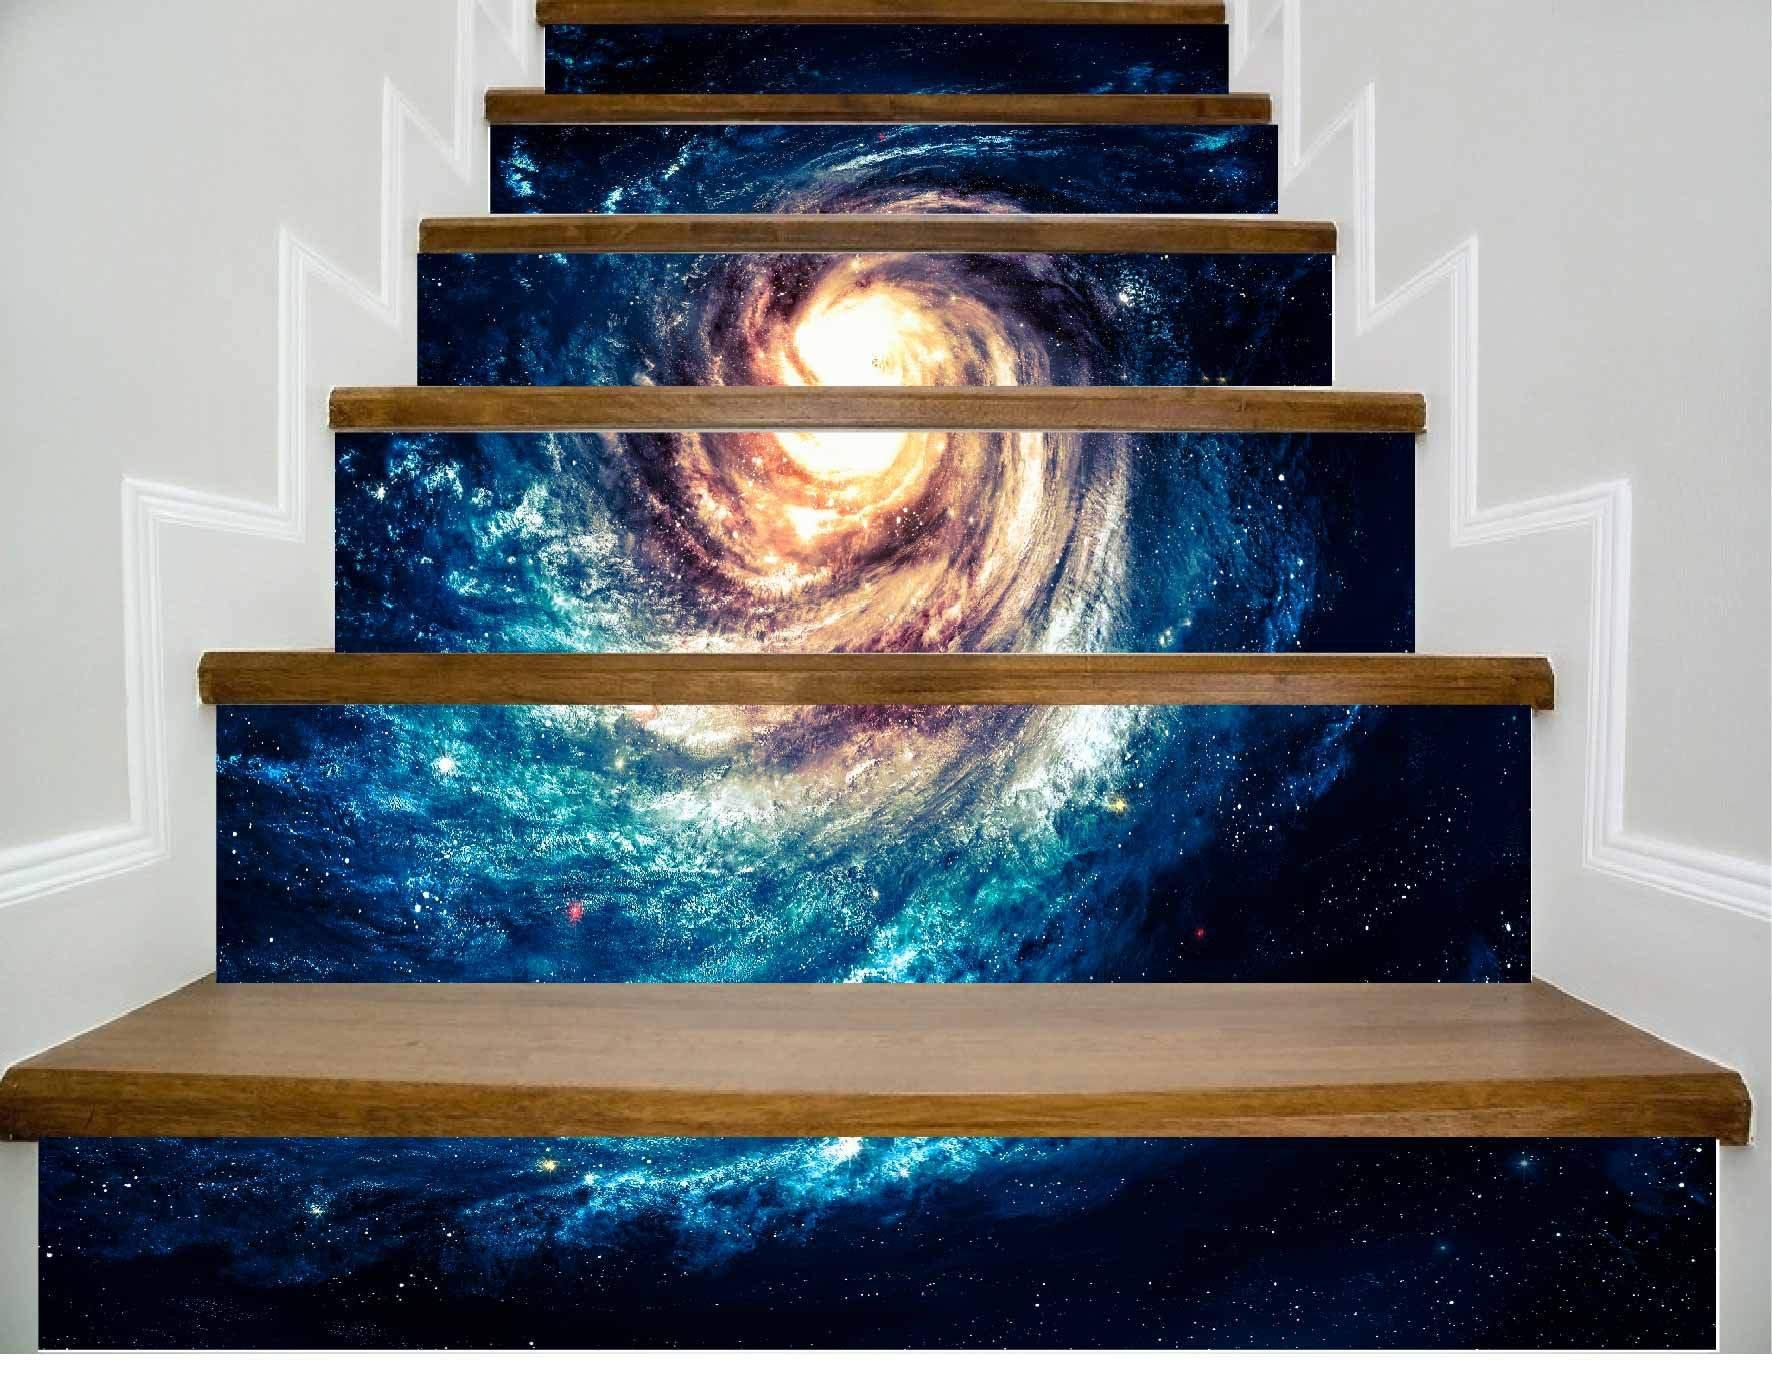 Escaleras de papel tapiz autoadhesivo Cool Star Decoración del hogar 3D desmontable de bricolaje Pegatinas tridimensionales HD moderno Papel pintado de escaleras a prueba de agua Compre tres y obtenga uno: Amazon.es: